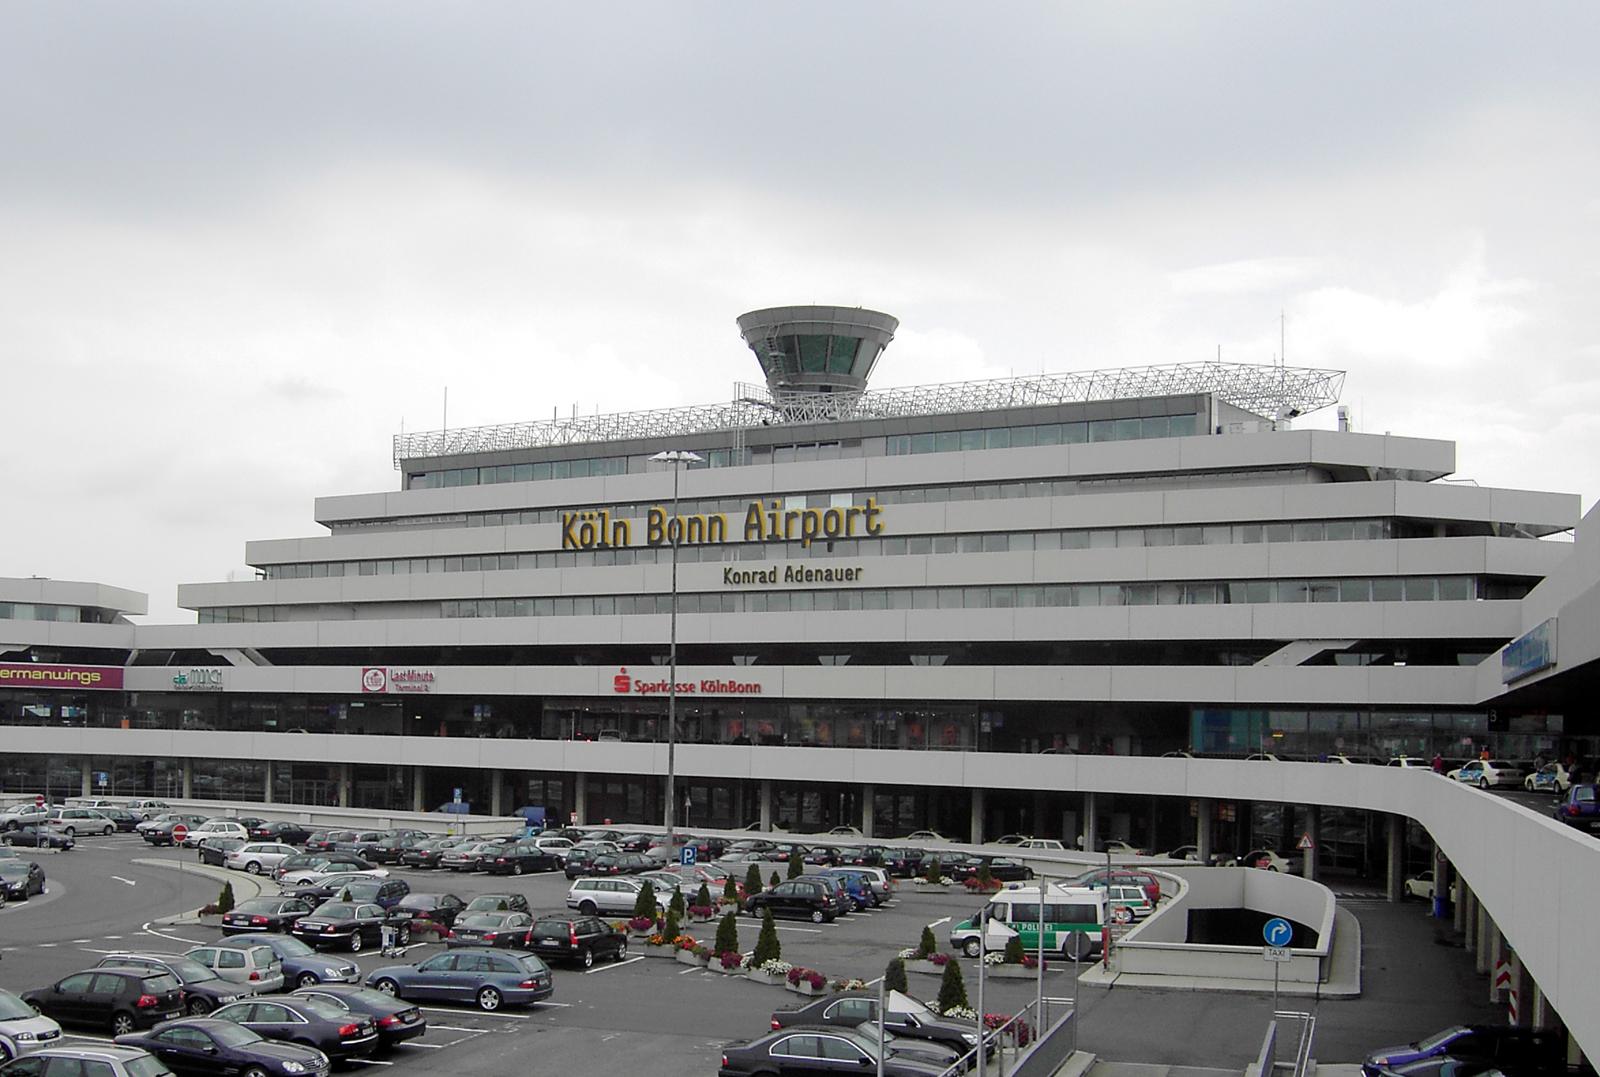 Flughafen Köln/Bonn, Terminal 1, August 2005